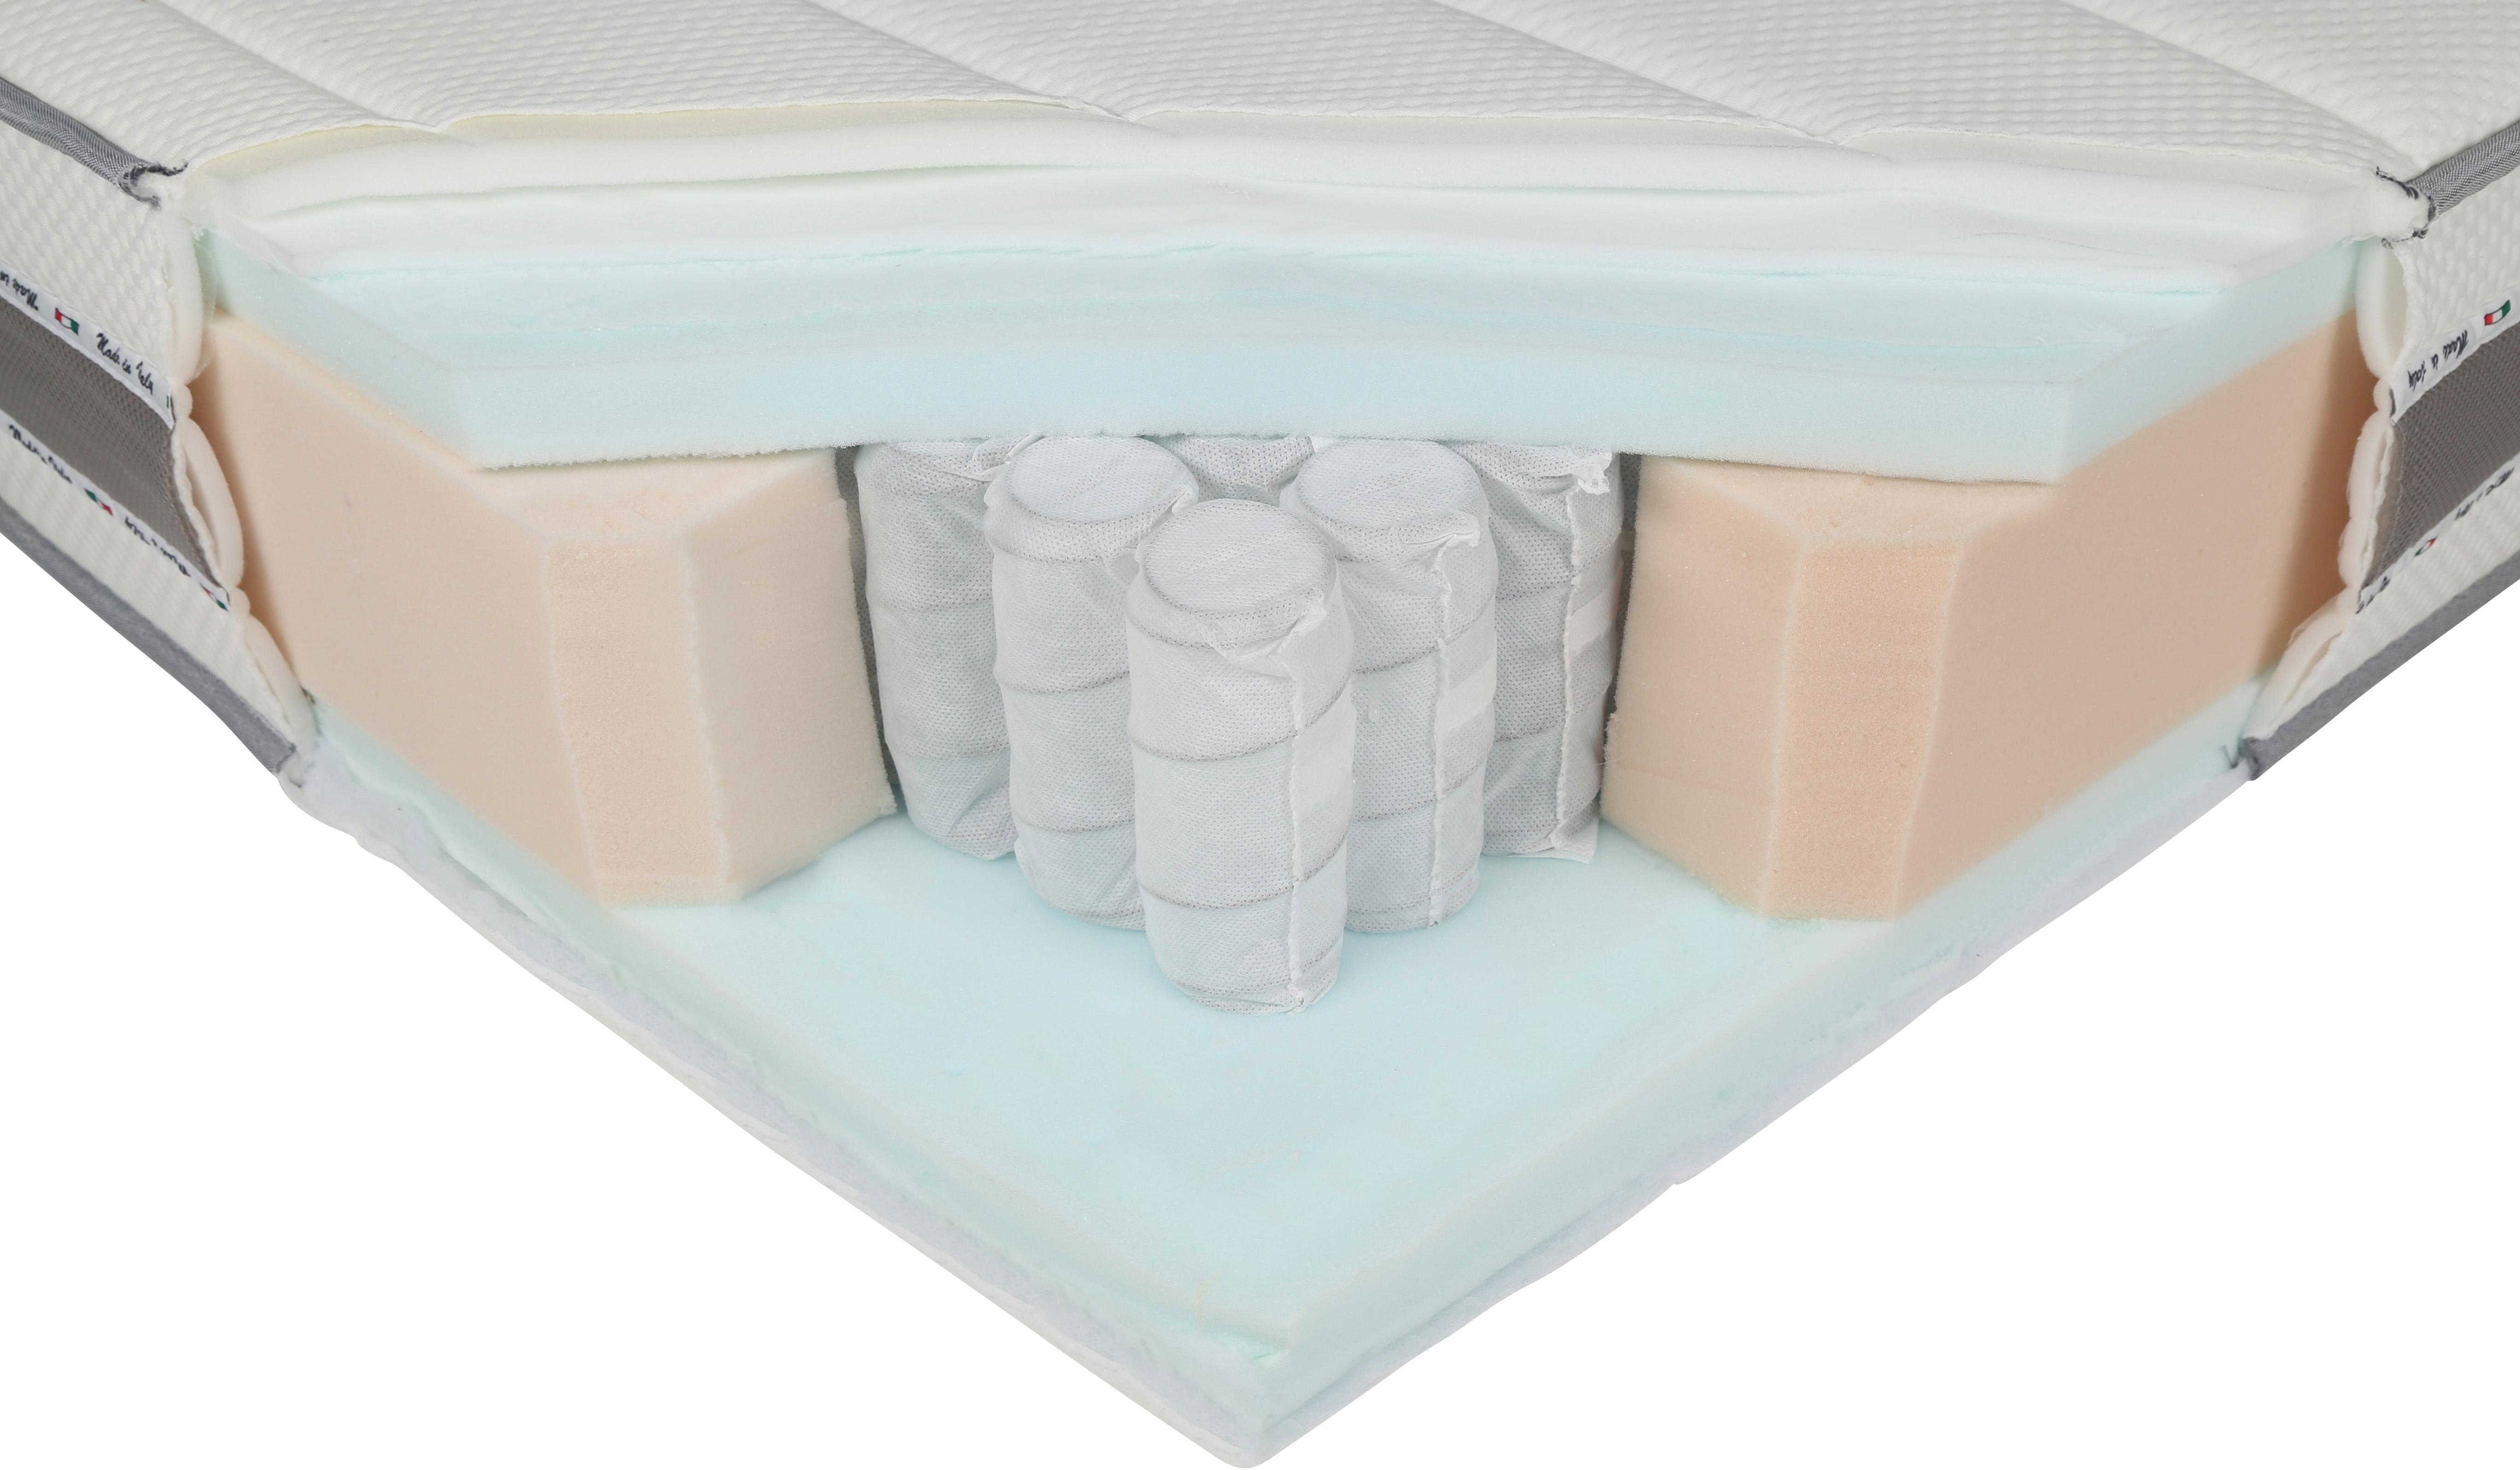 Materassi Mondo Convenienza Misure.Test E Recensione Mondo Convenienza Silver Fast Altroconsumo